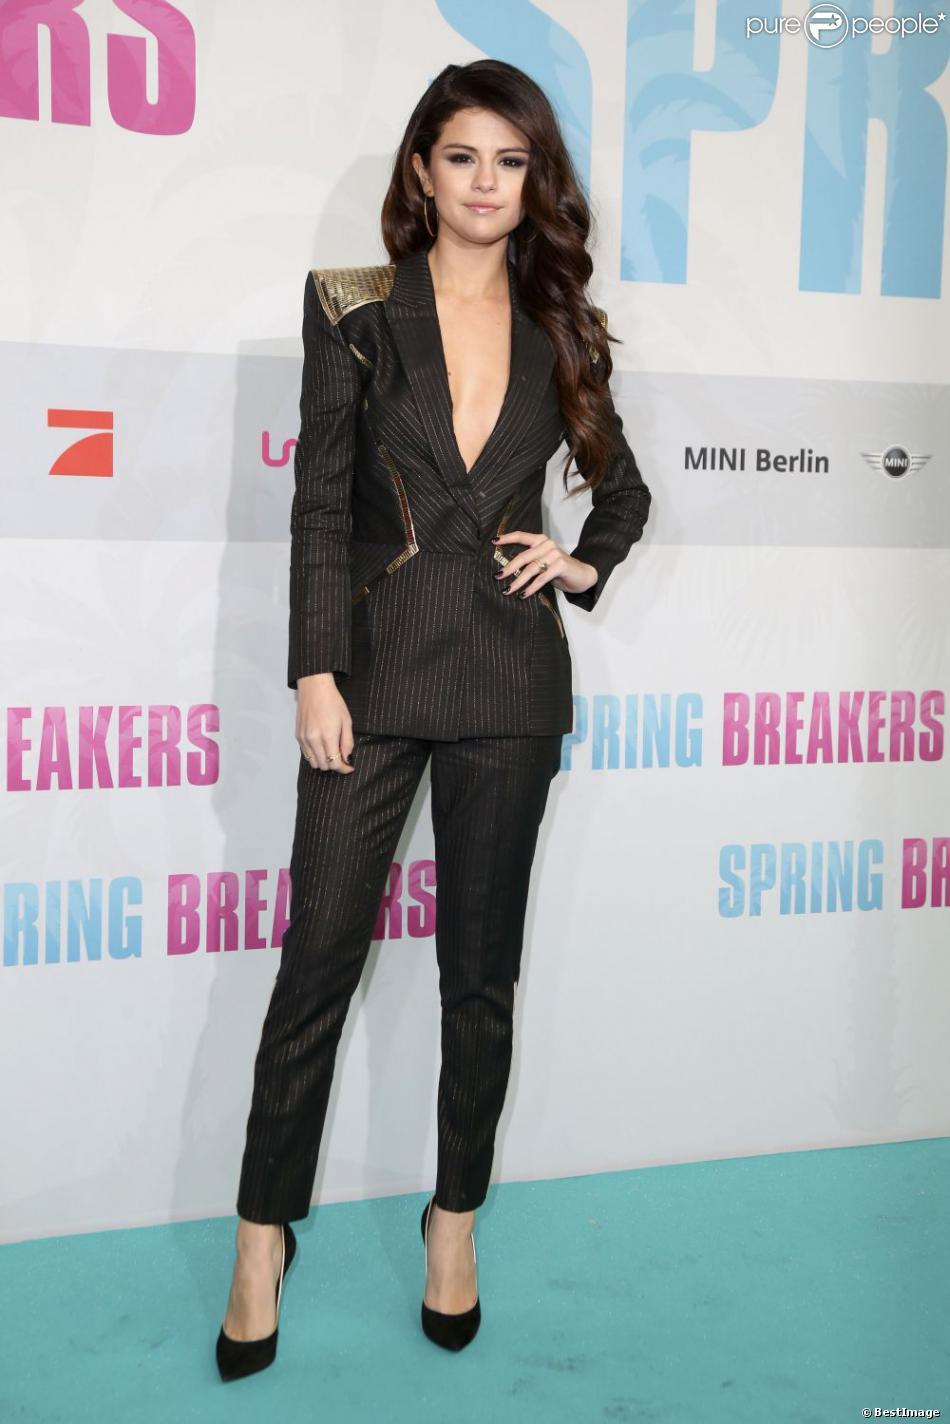 est Selena Gomez datant Justin Bieber nouveau 2013 matchmaking biblique